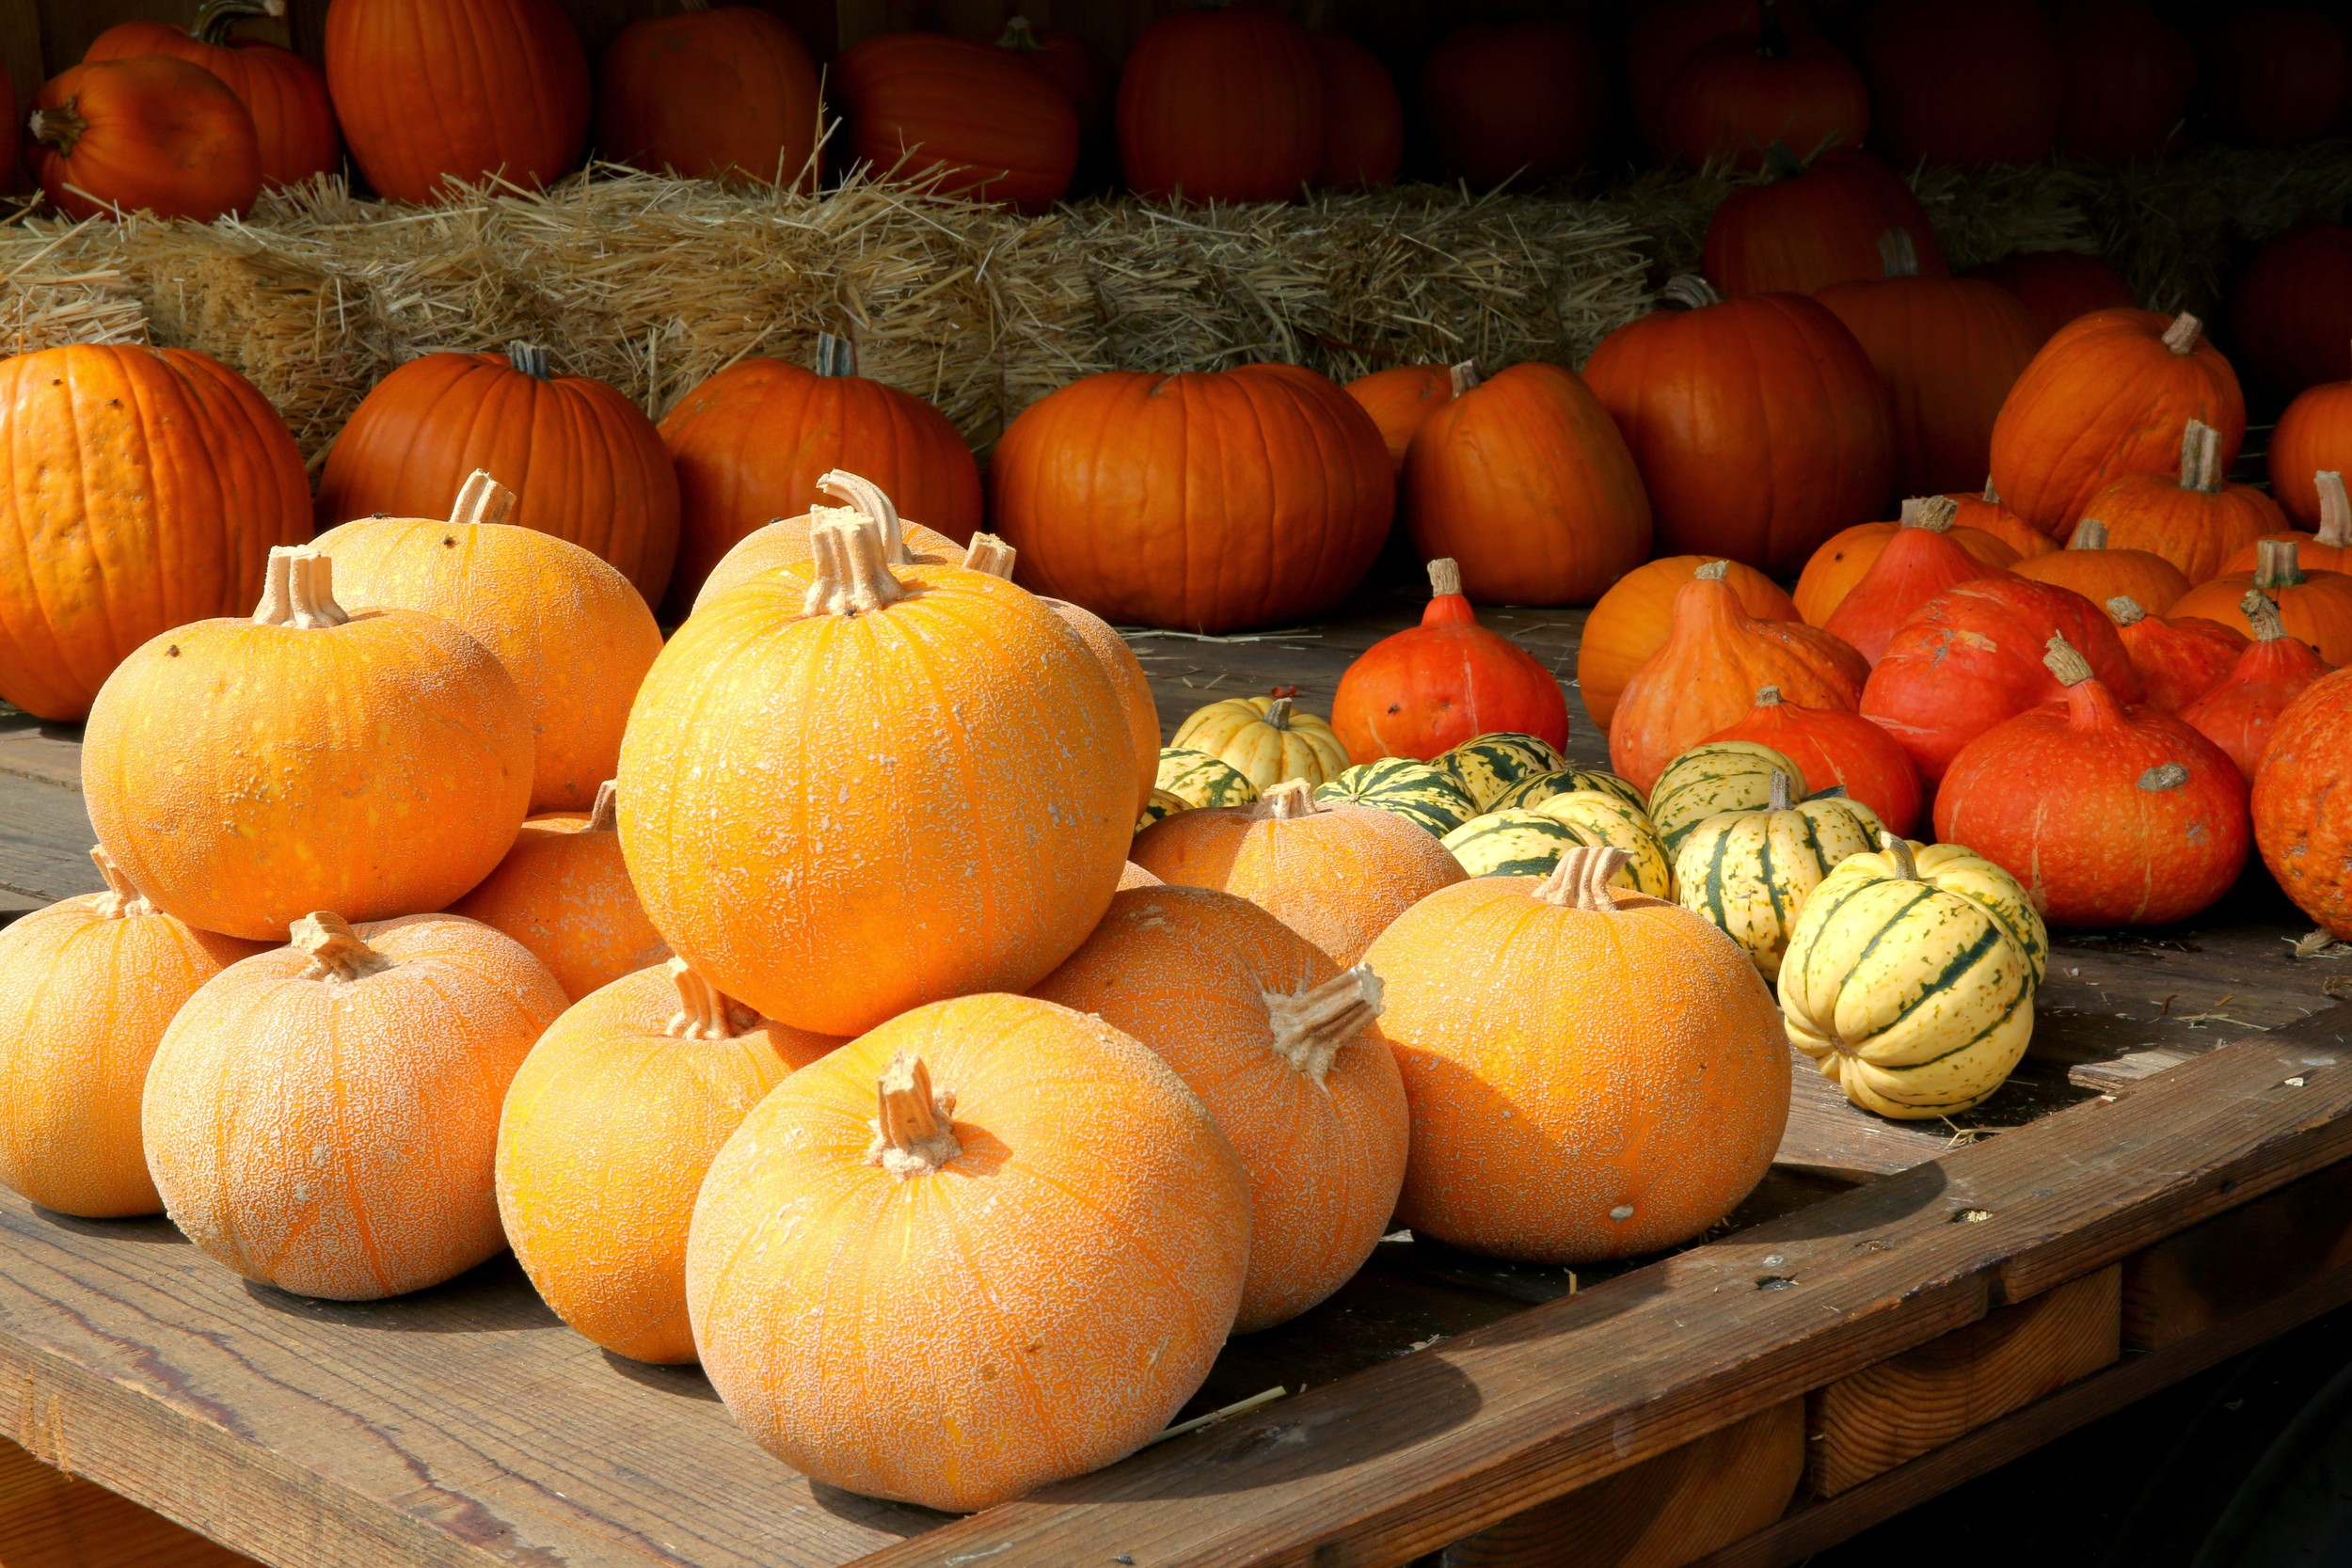 Pumpkins and Winter Squash